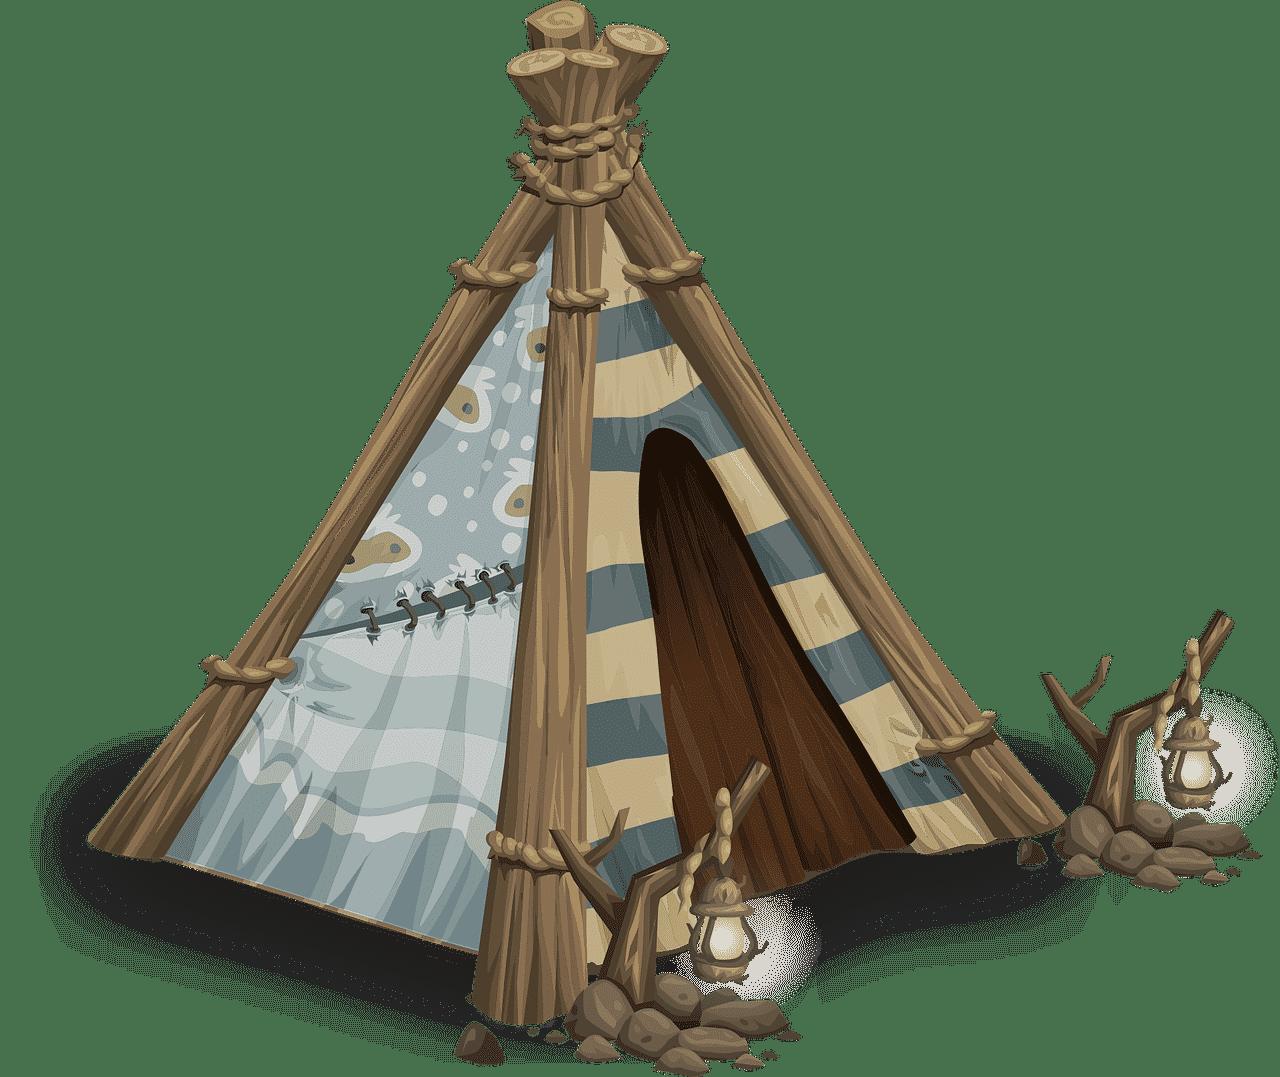 Stwórz niezapomniane wspomnienia Twojej pociechy – namiot dla dzieci w Twoim ogródku